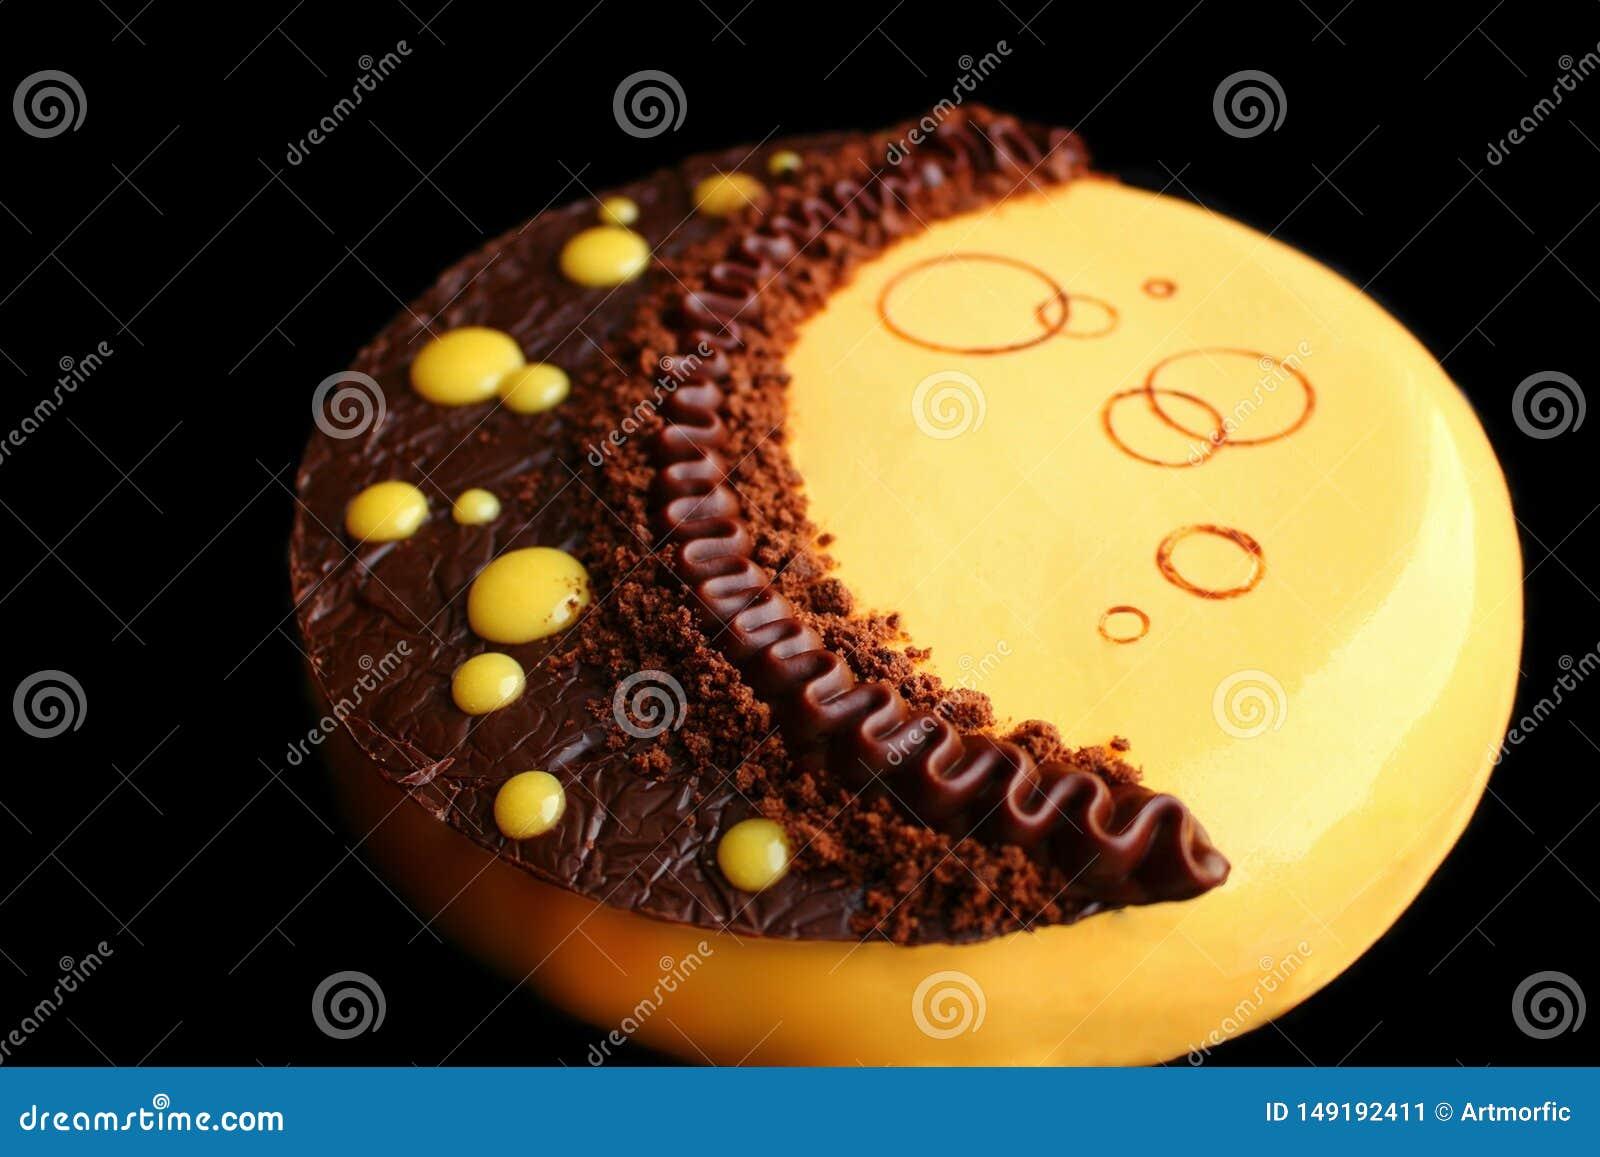 Gelber Mondkuchen mit Schokolade ganache, Kürbiskremeis und Schokoladendekoration